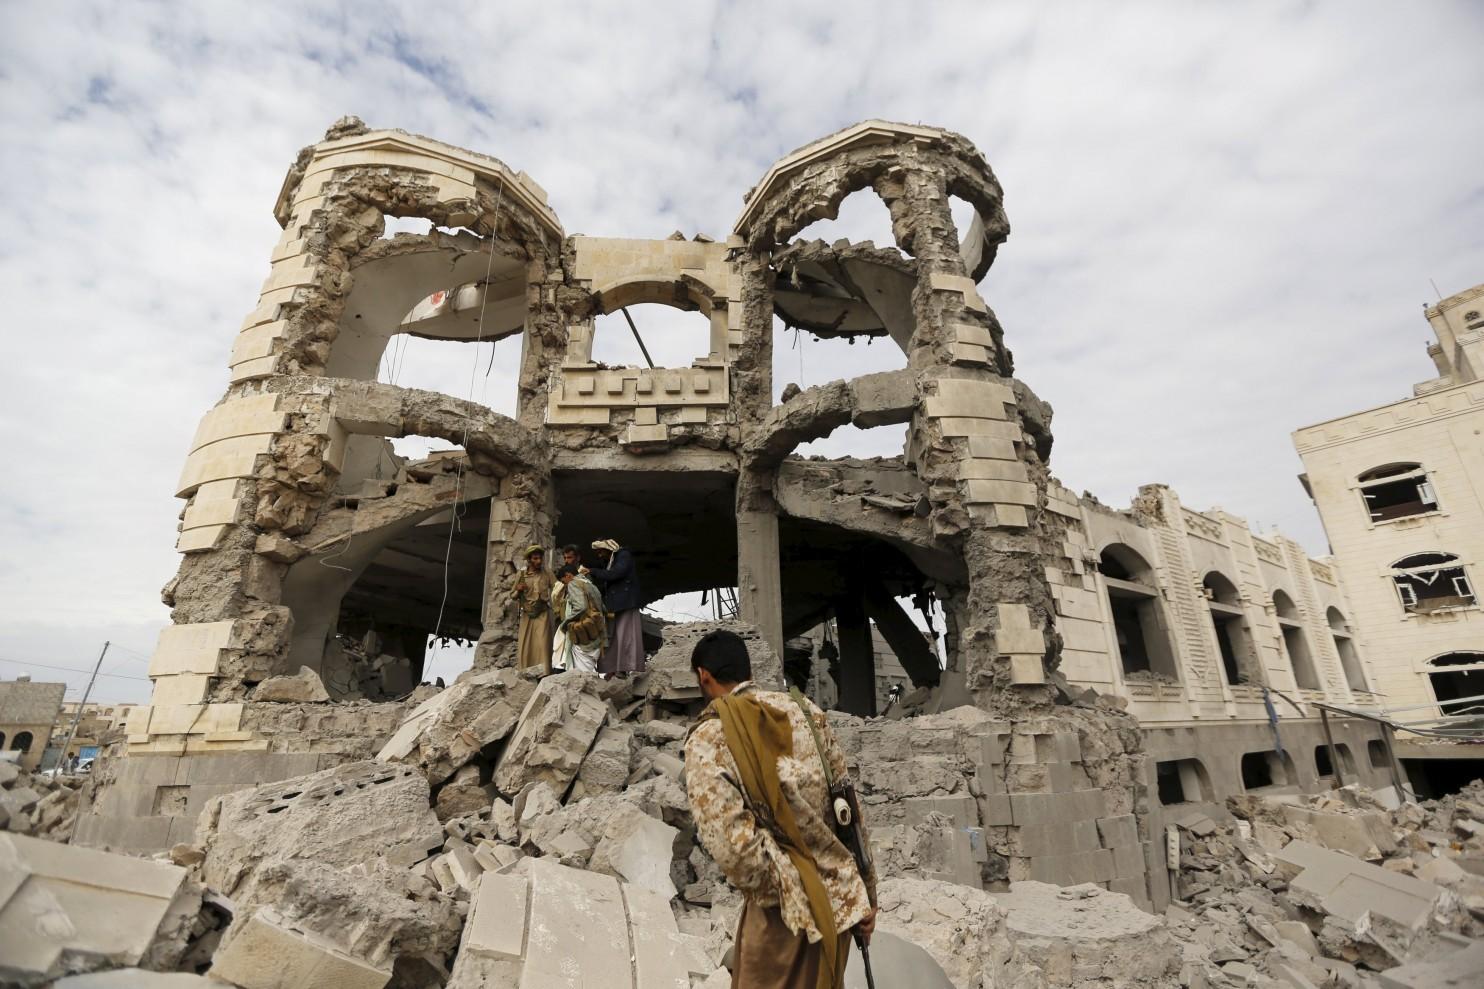 Americans Held Prisoner In Yemen By Houthi Rebels